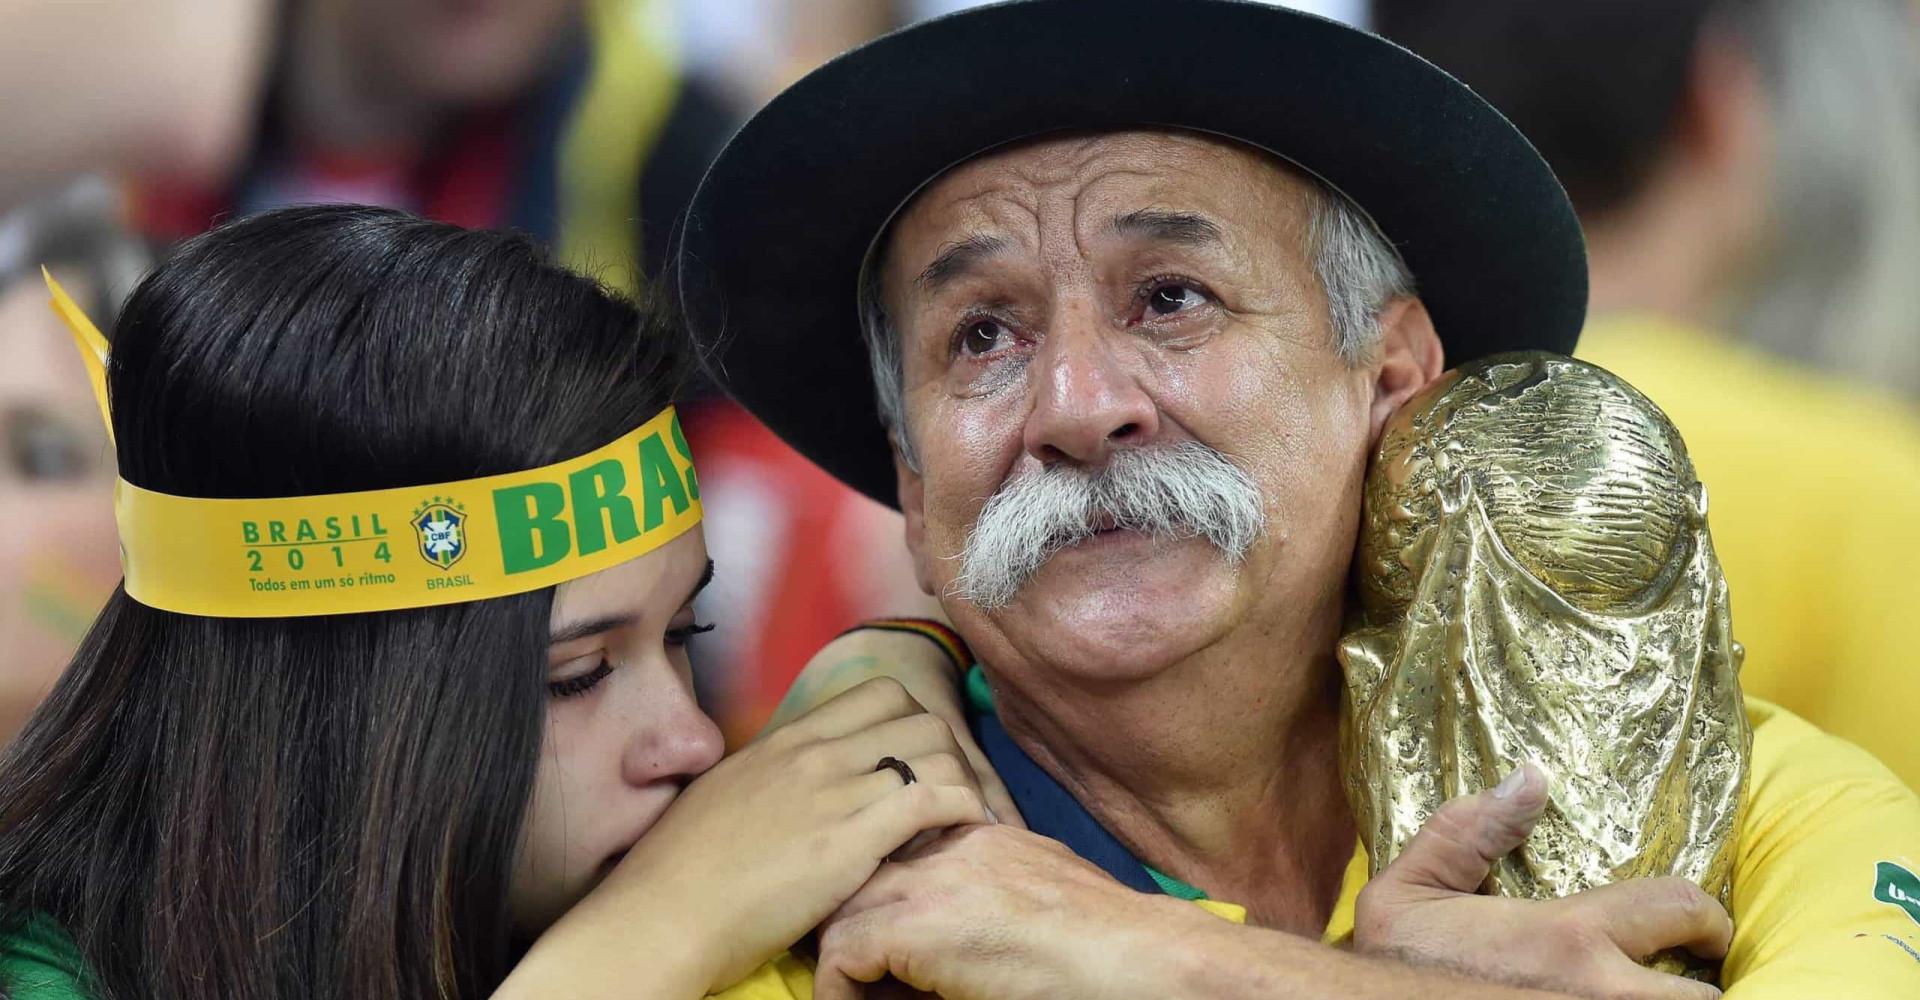 Copa do Mundo: os maiores erros, gafes e zebras da história!